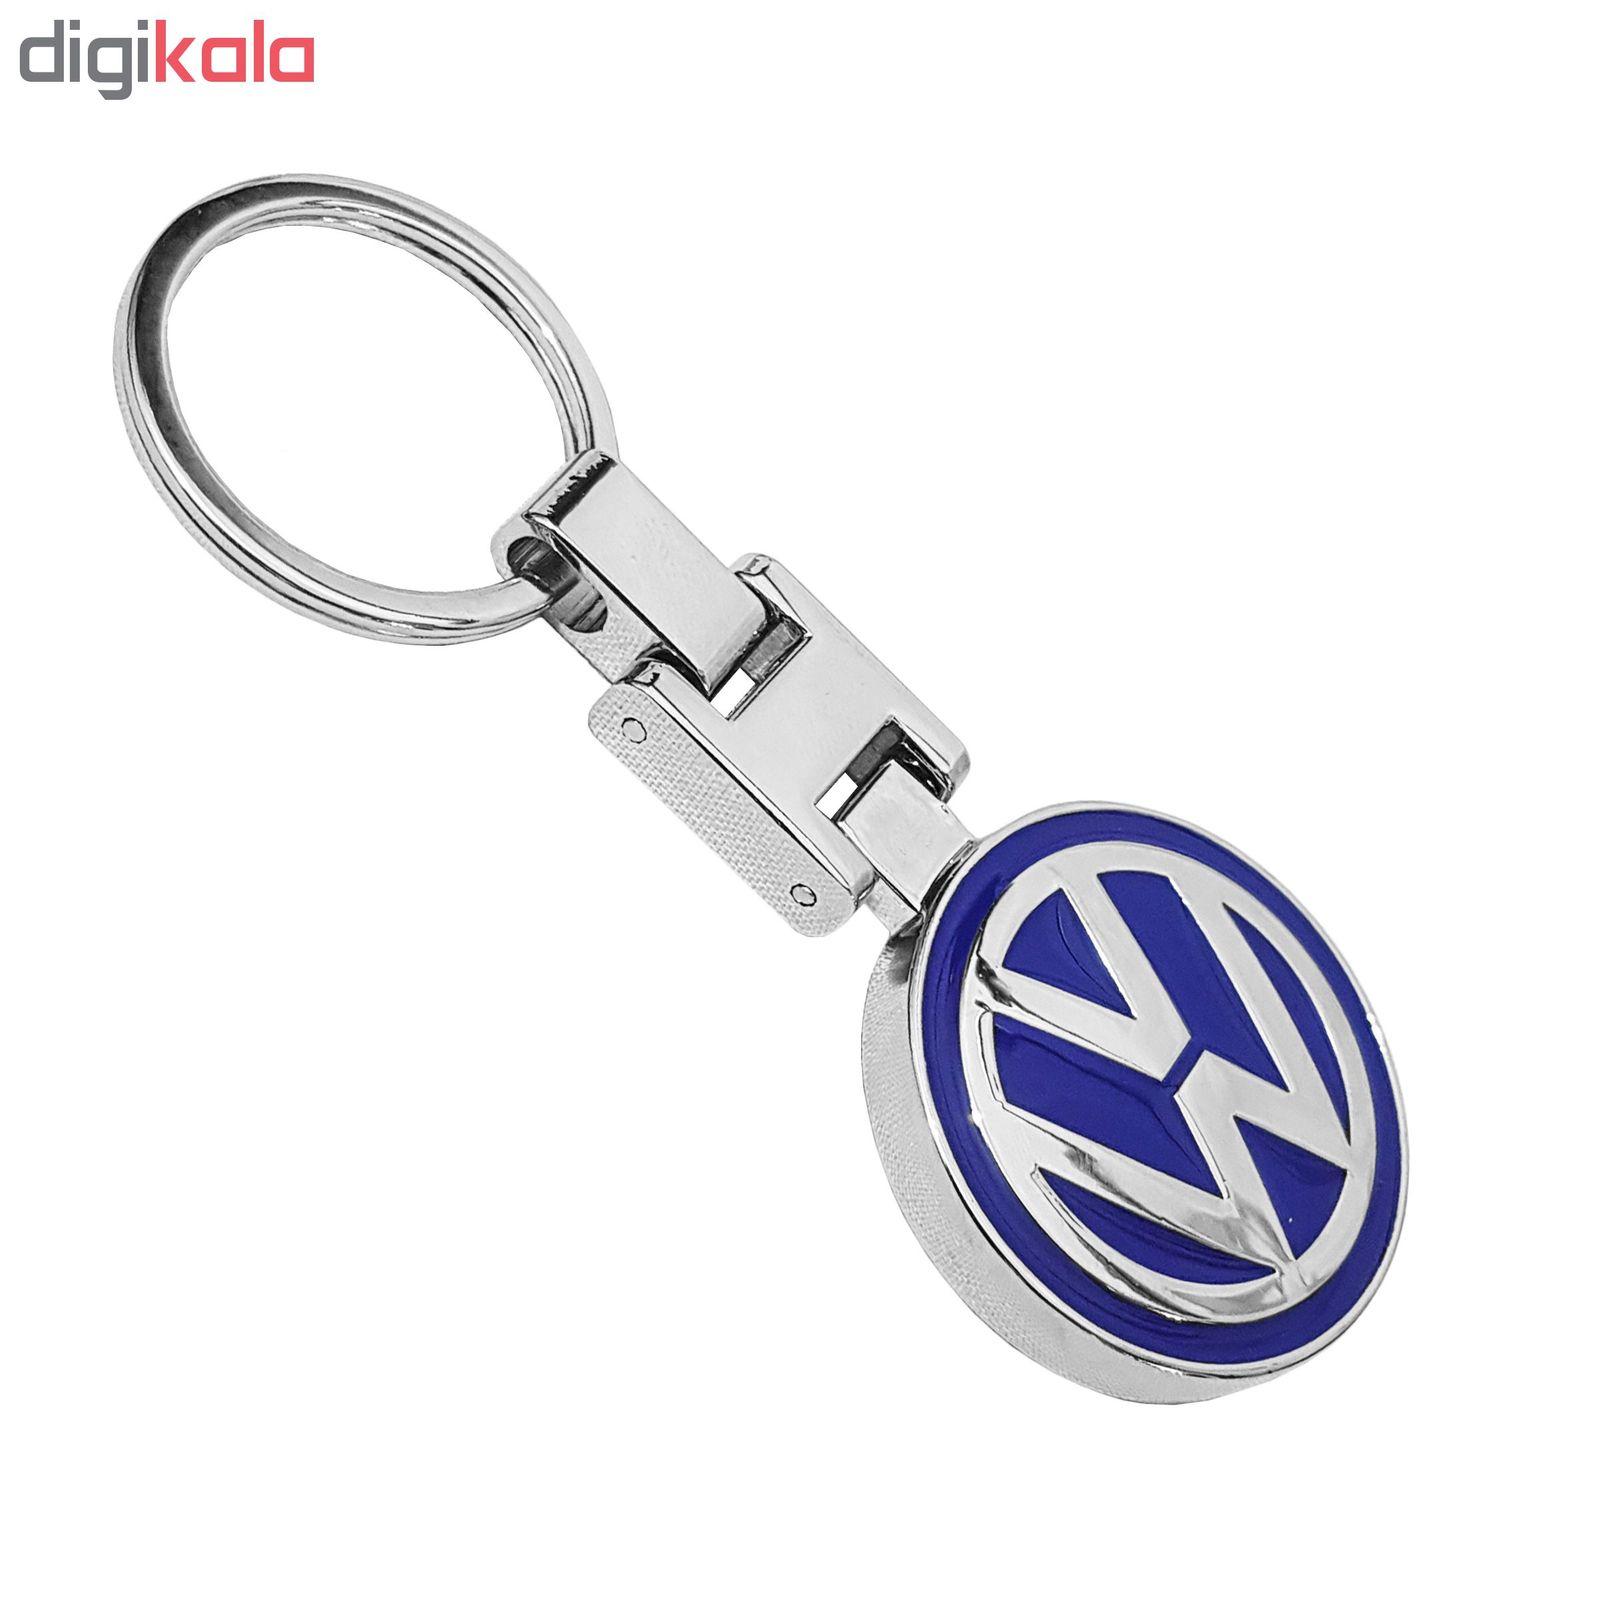 جاسوئیچی استیل اعلا خودرو طرح Volkswagen main 1 1